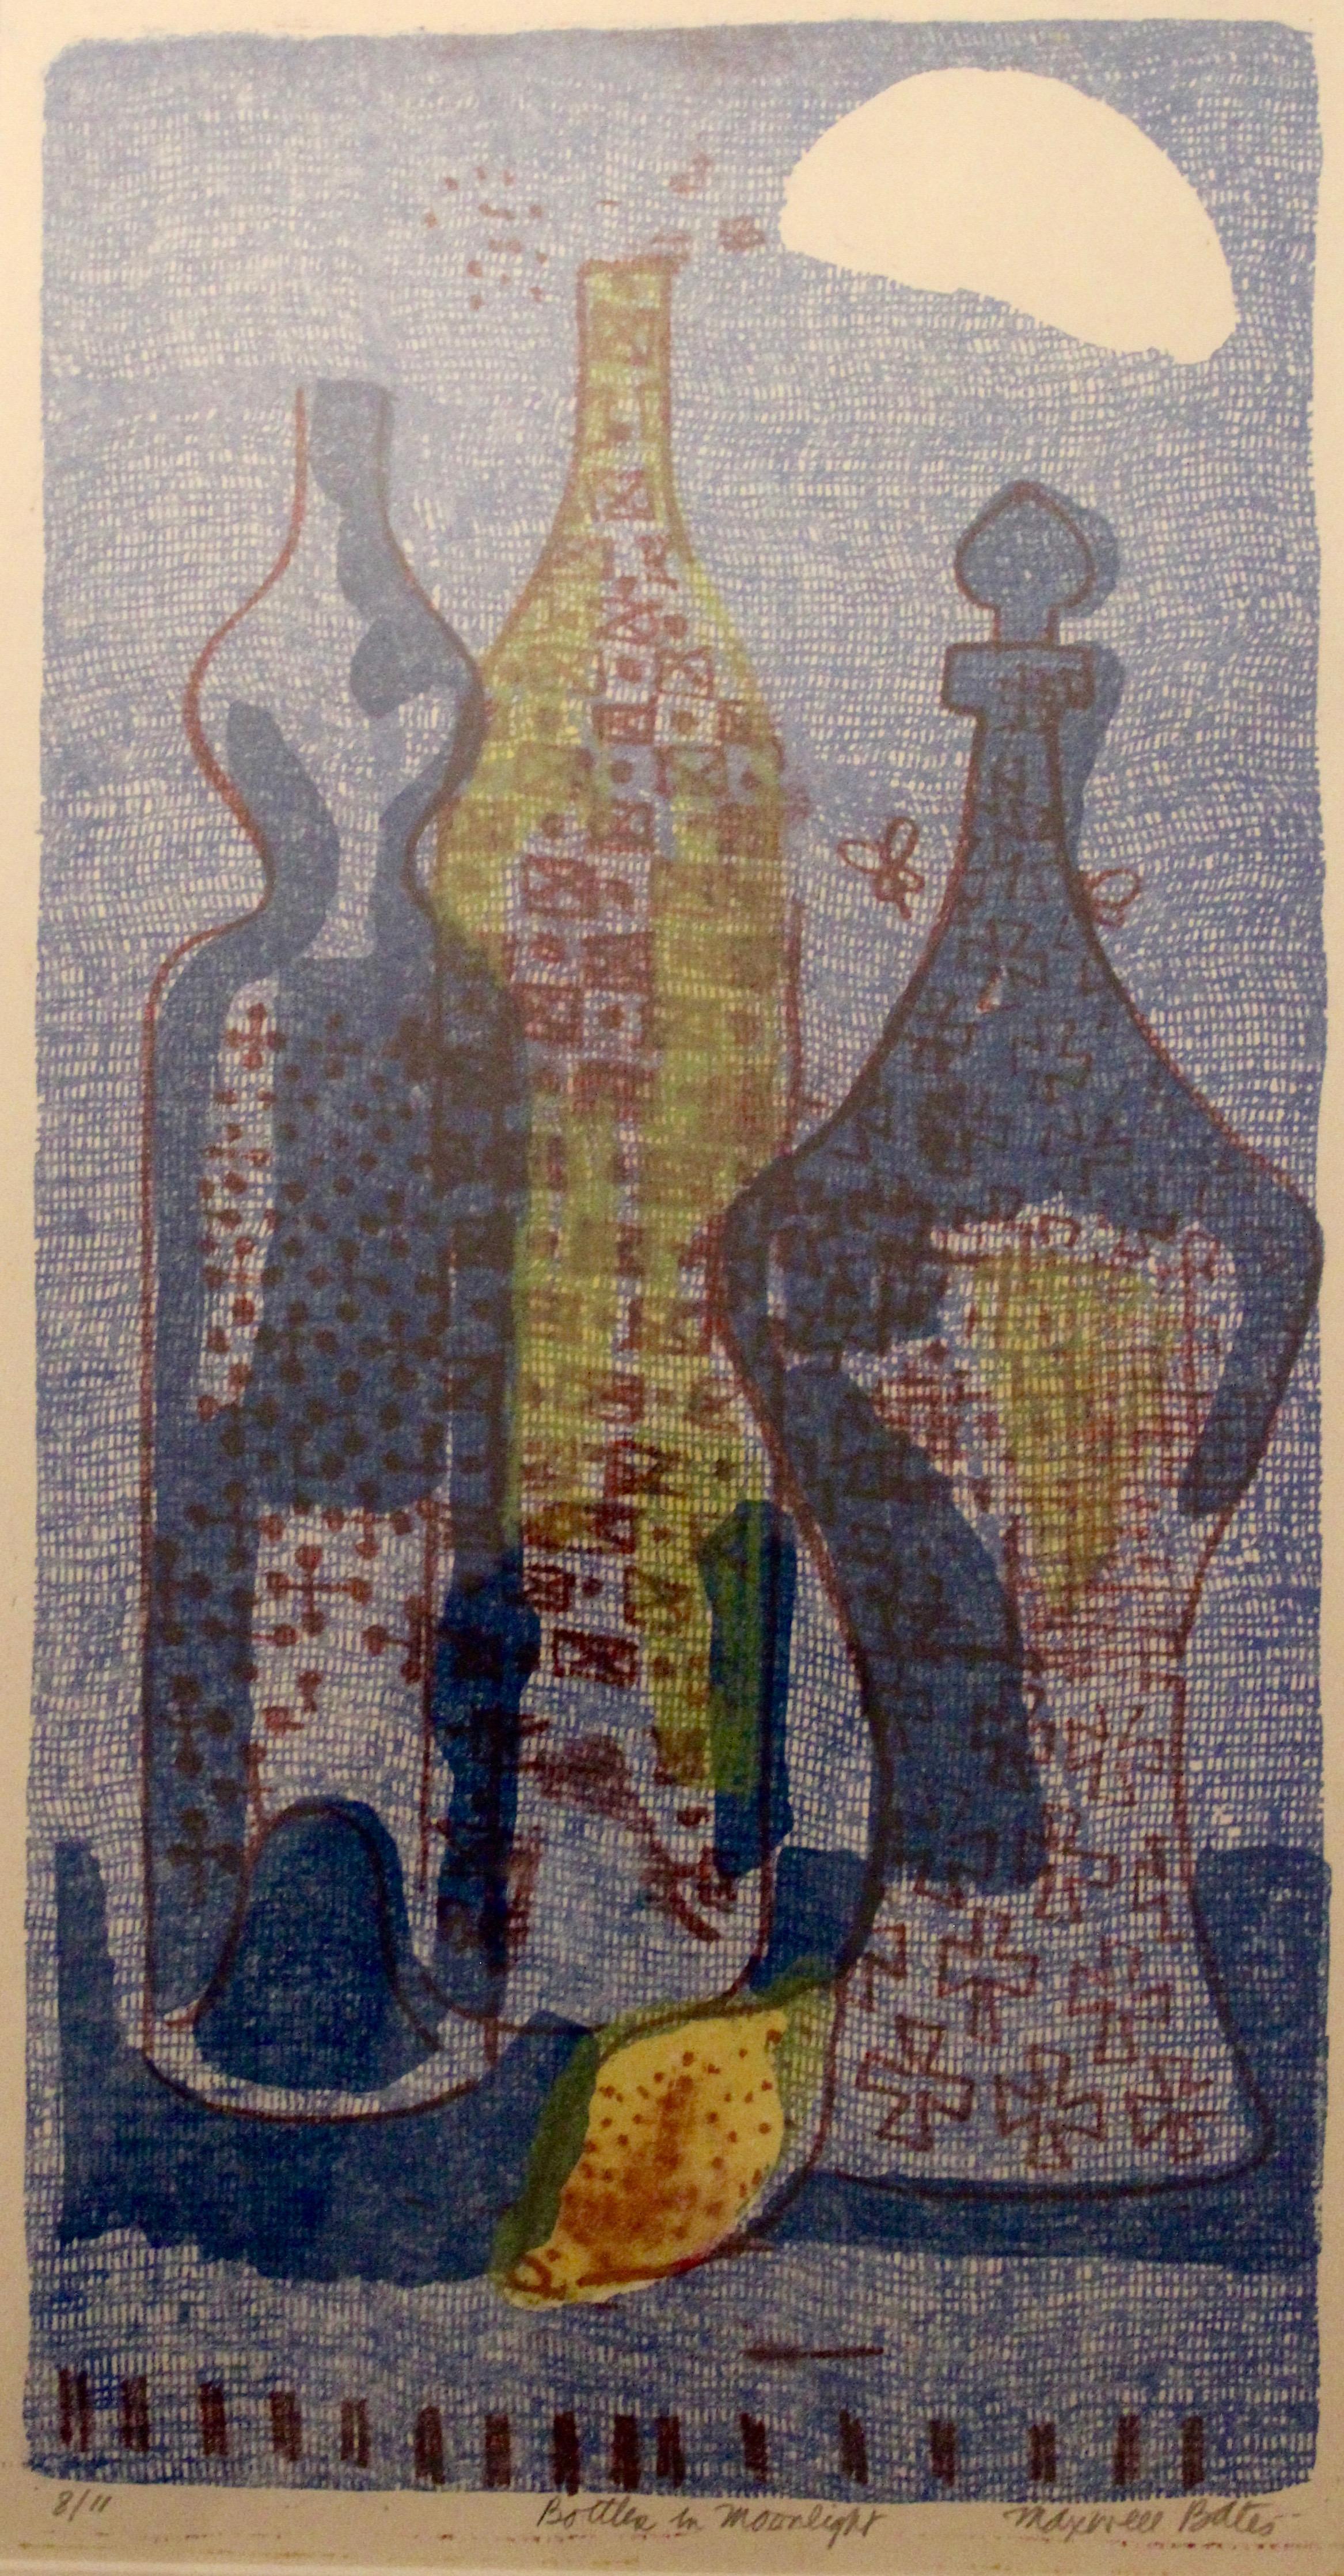 Maxwell Bates, Bottles in Moonlight